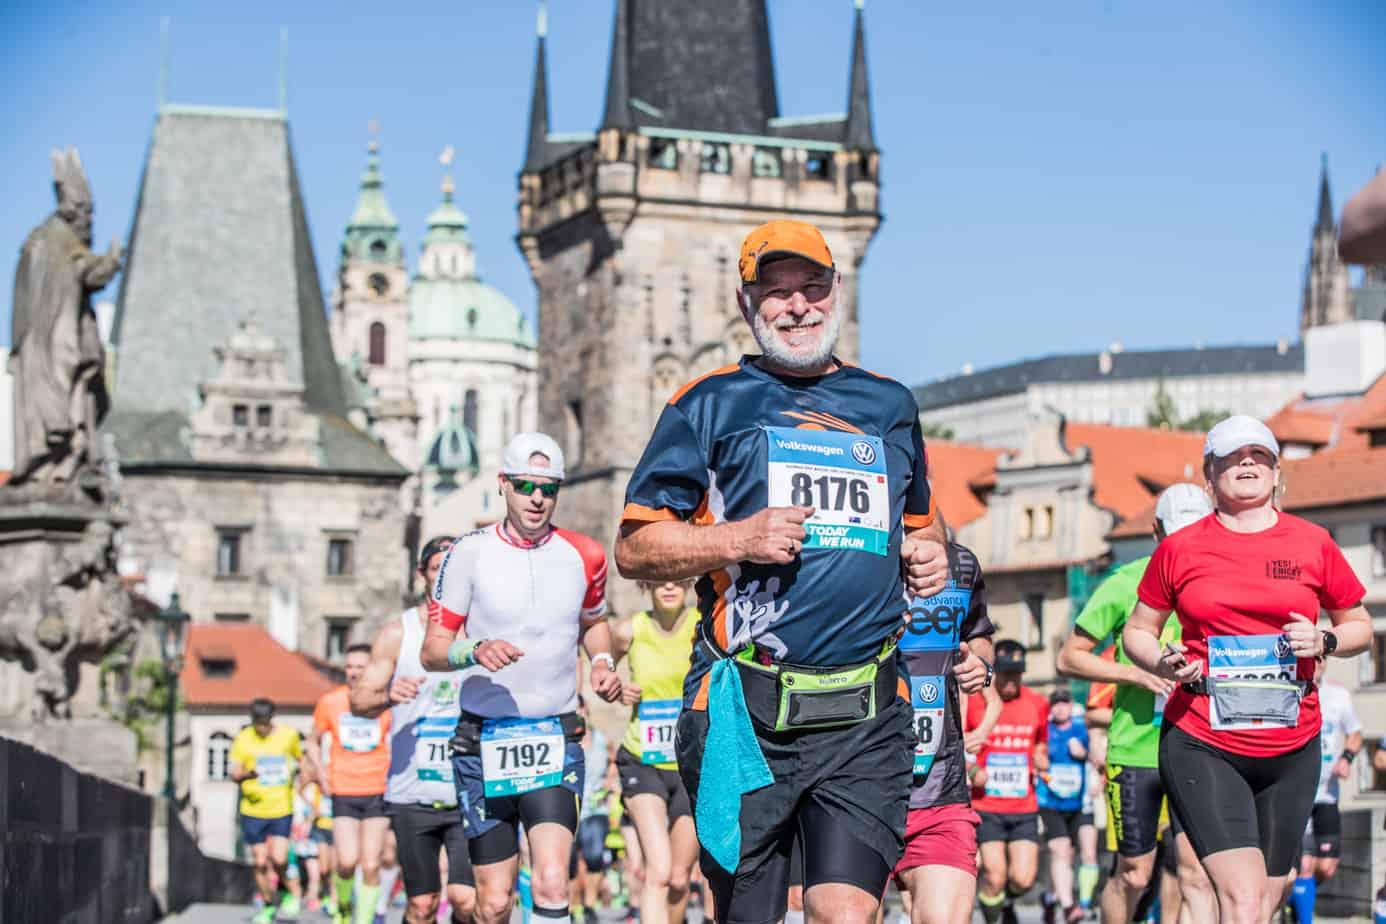 ParticiperTrailamp; De 201910 Prague Raisons Marathon Y Running Pour rCBedQxWo